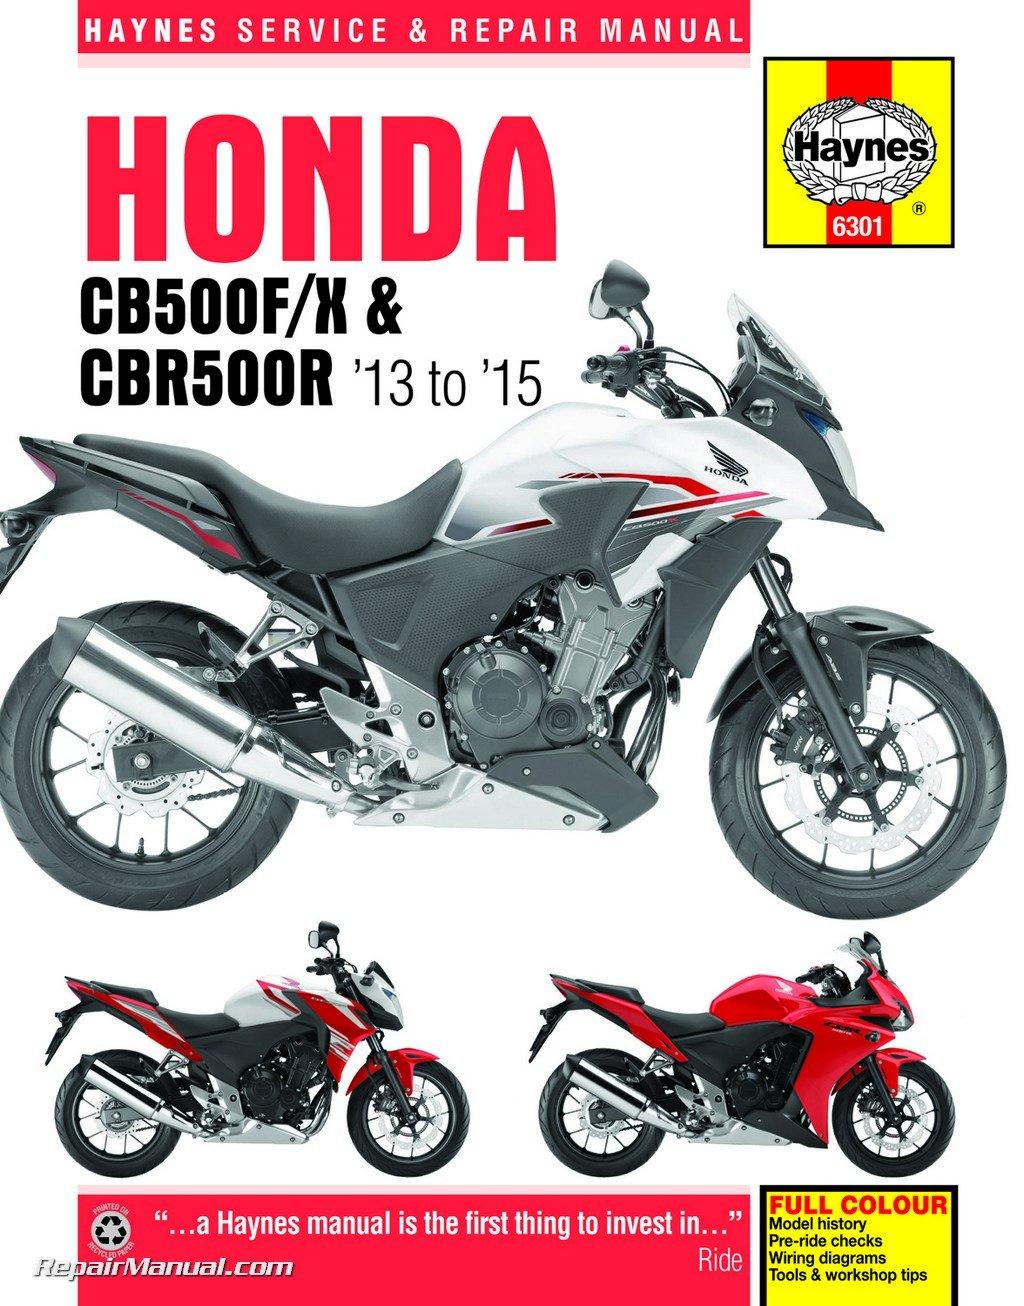 h6301 2013-2015 honda cb500f, cb500x & cbr500r haynes motorcycle repair  manual paperback – 2004